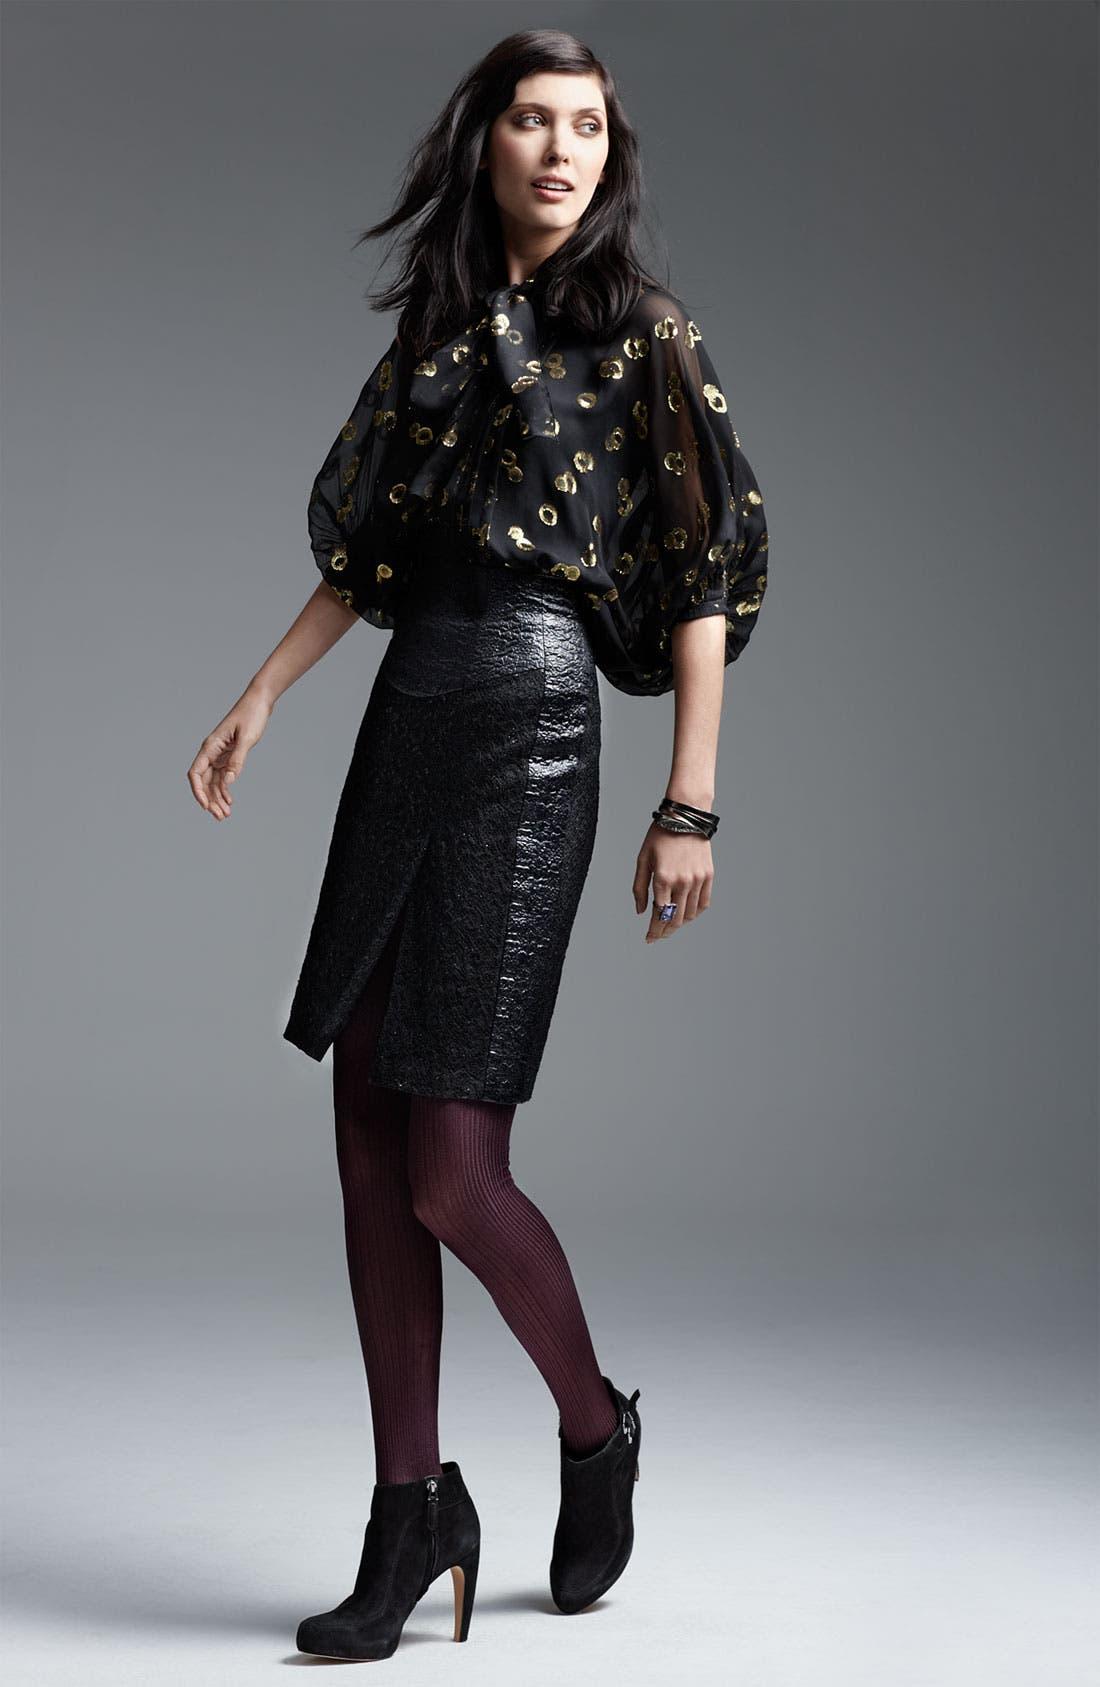 Main Image - Diane von Furstenberg Blouse & Nanette Lepore Skirt